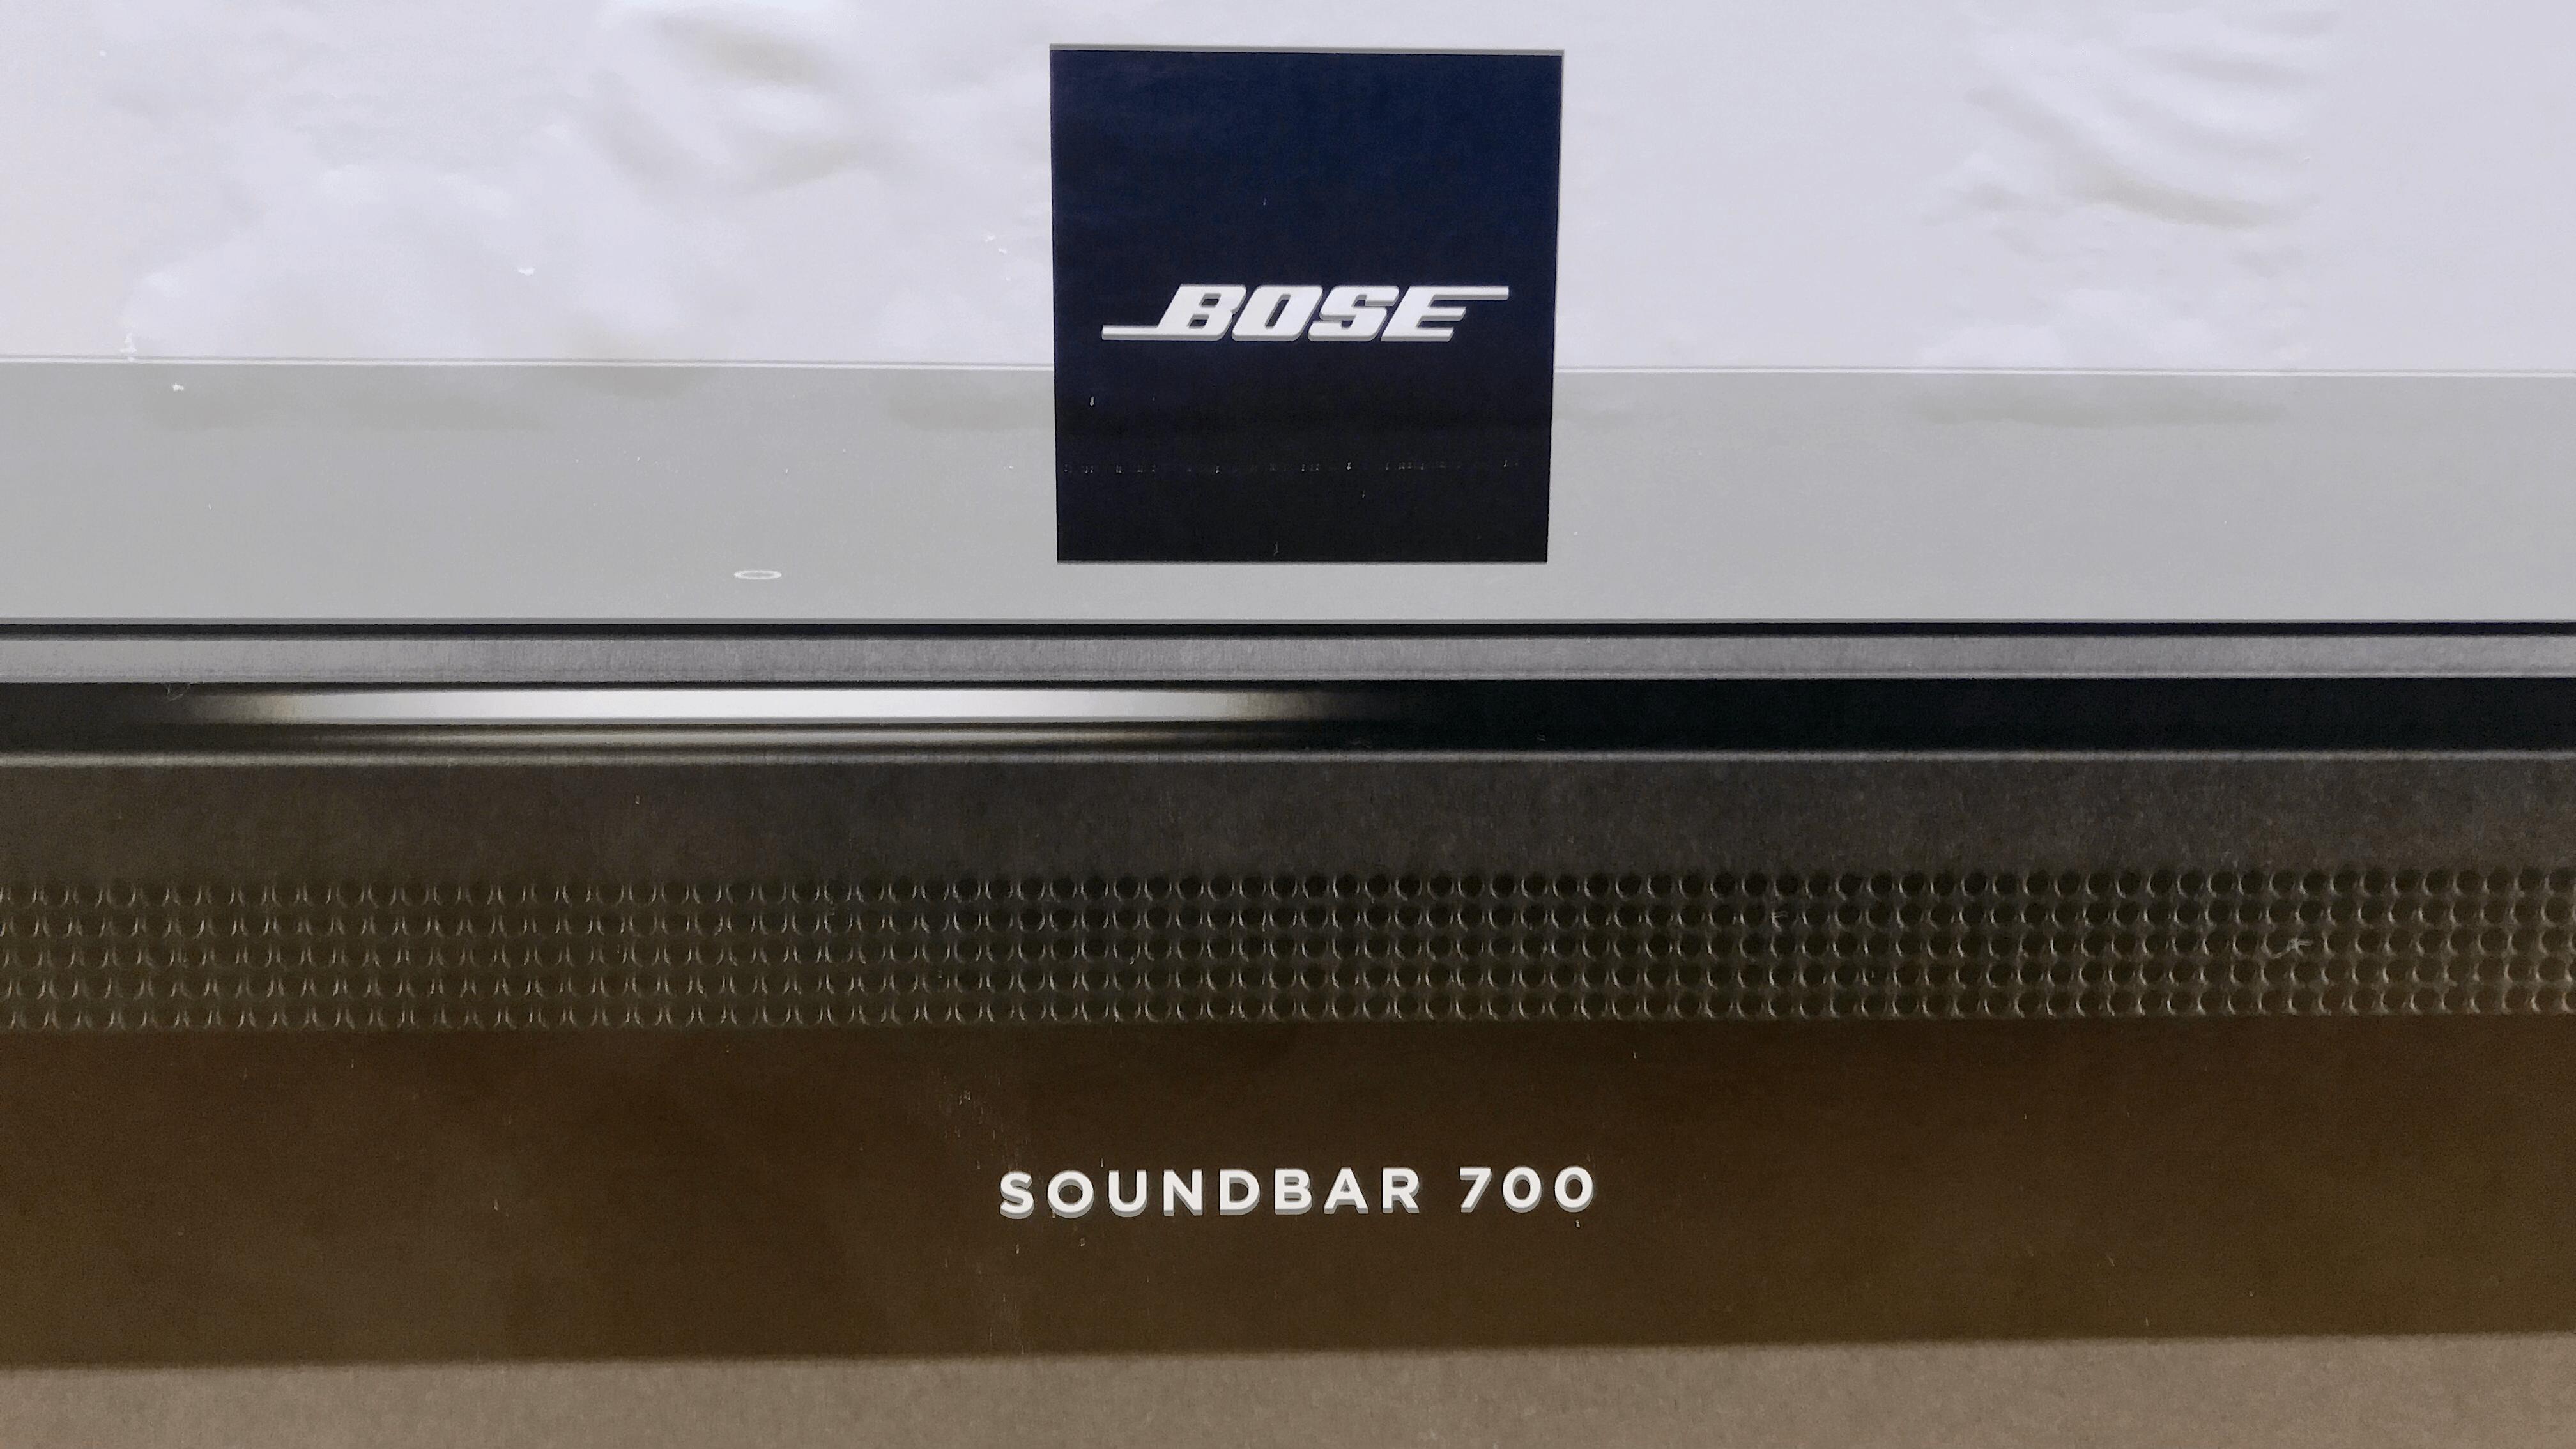 これは最高の音に包まれる魔法。BOSE Soundbar 700レビュー。